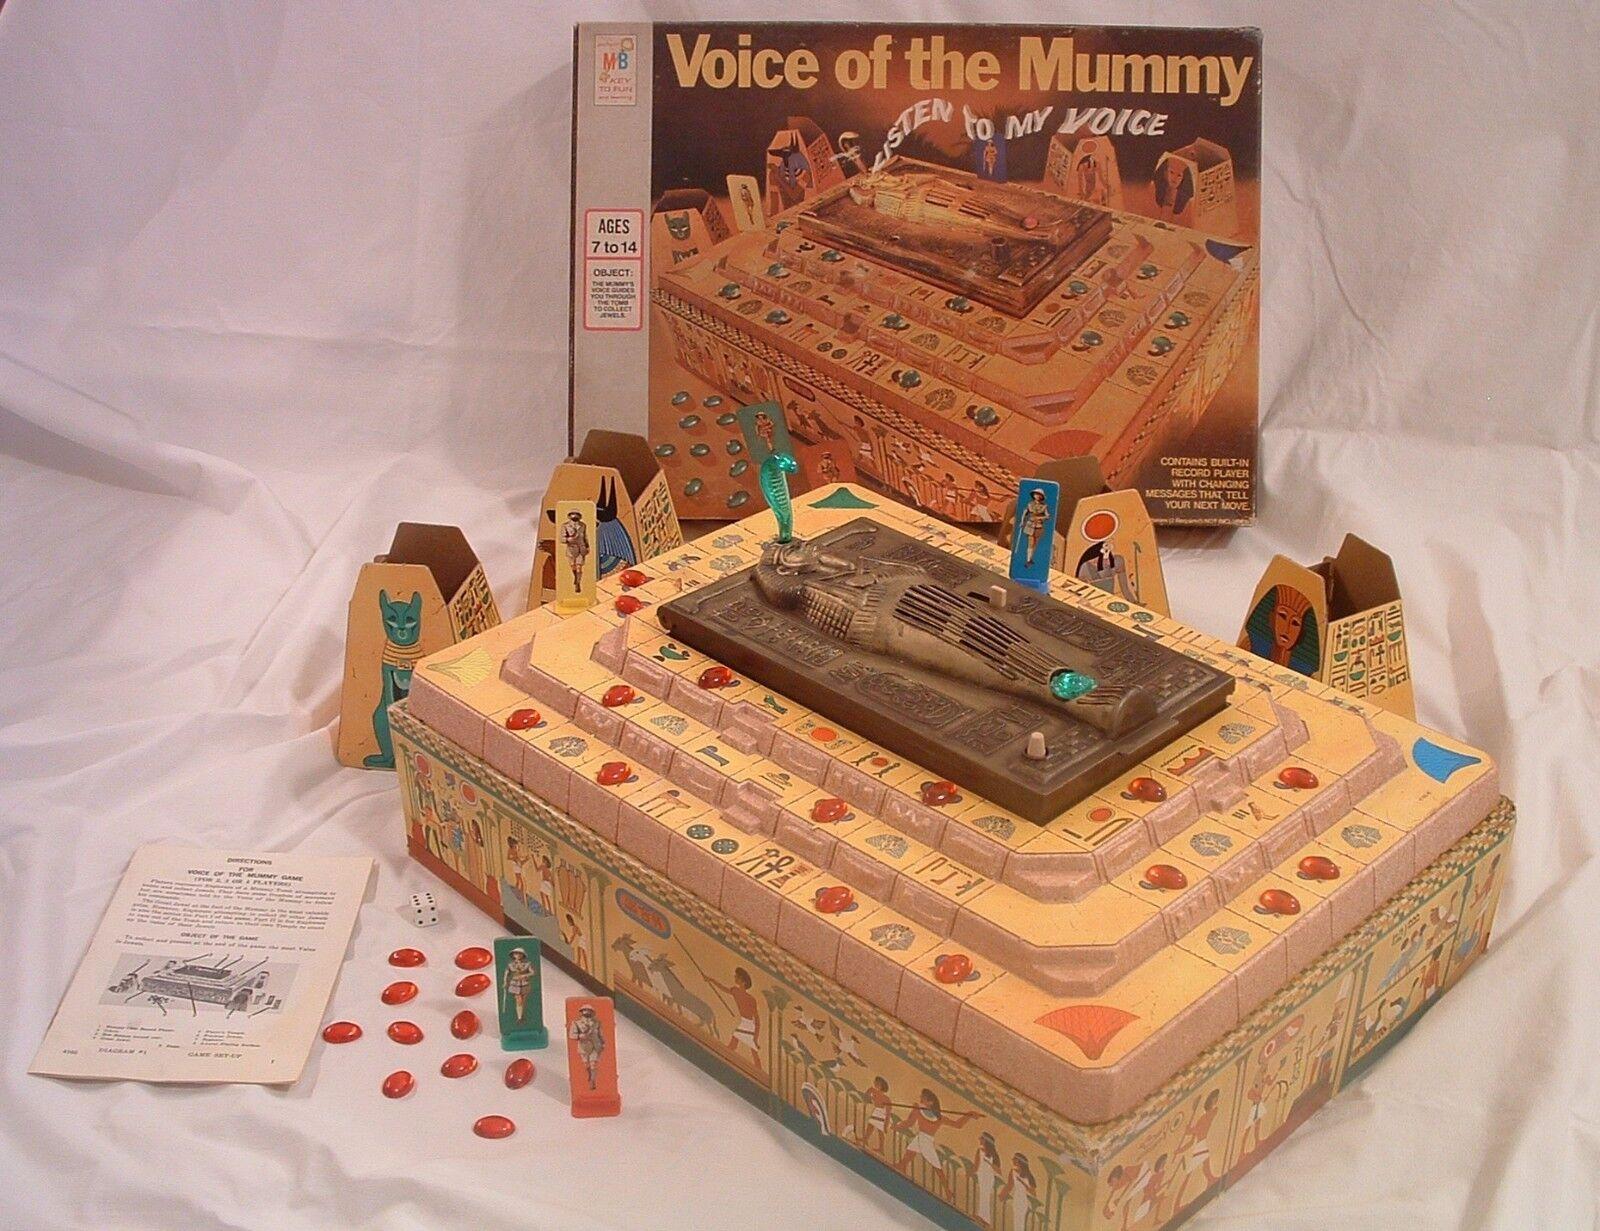 1971  Voice of the Mummy tavola gioco - rosso Precious Jewels - completare,Worre 100%  stanno facendo attività di sconto